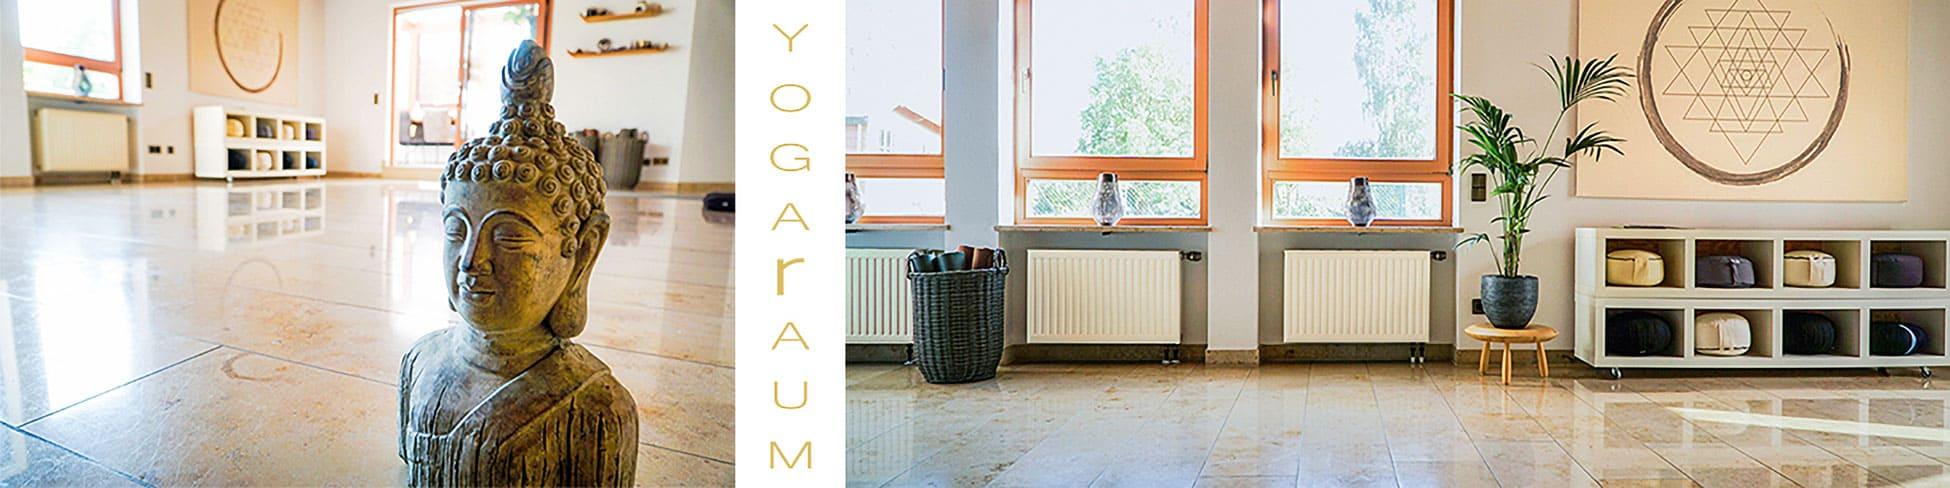 Der Yogaraum Erlangen bietet mit seinen 40 qm einen idealen Ort zum Wohlfühlen und Loslassen.